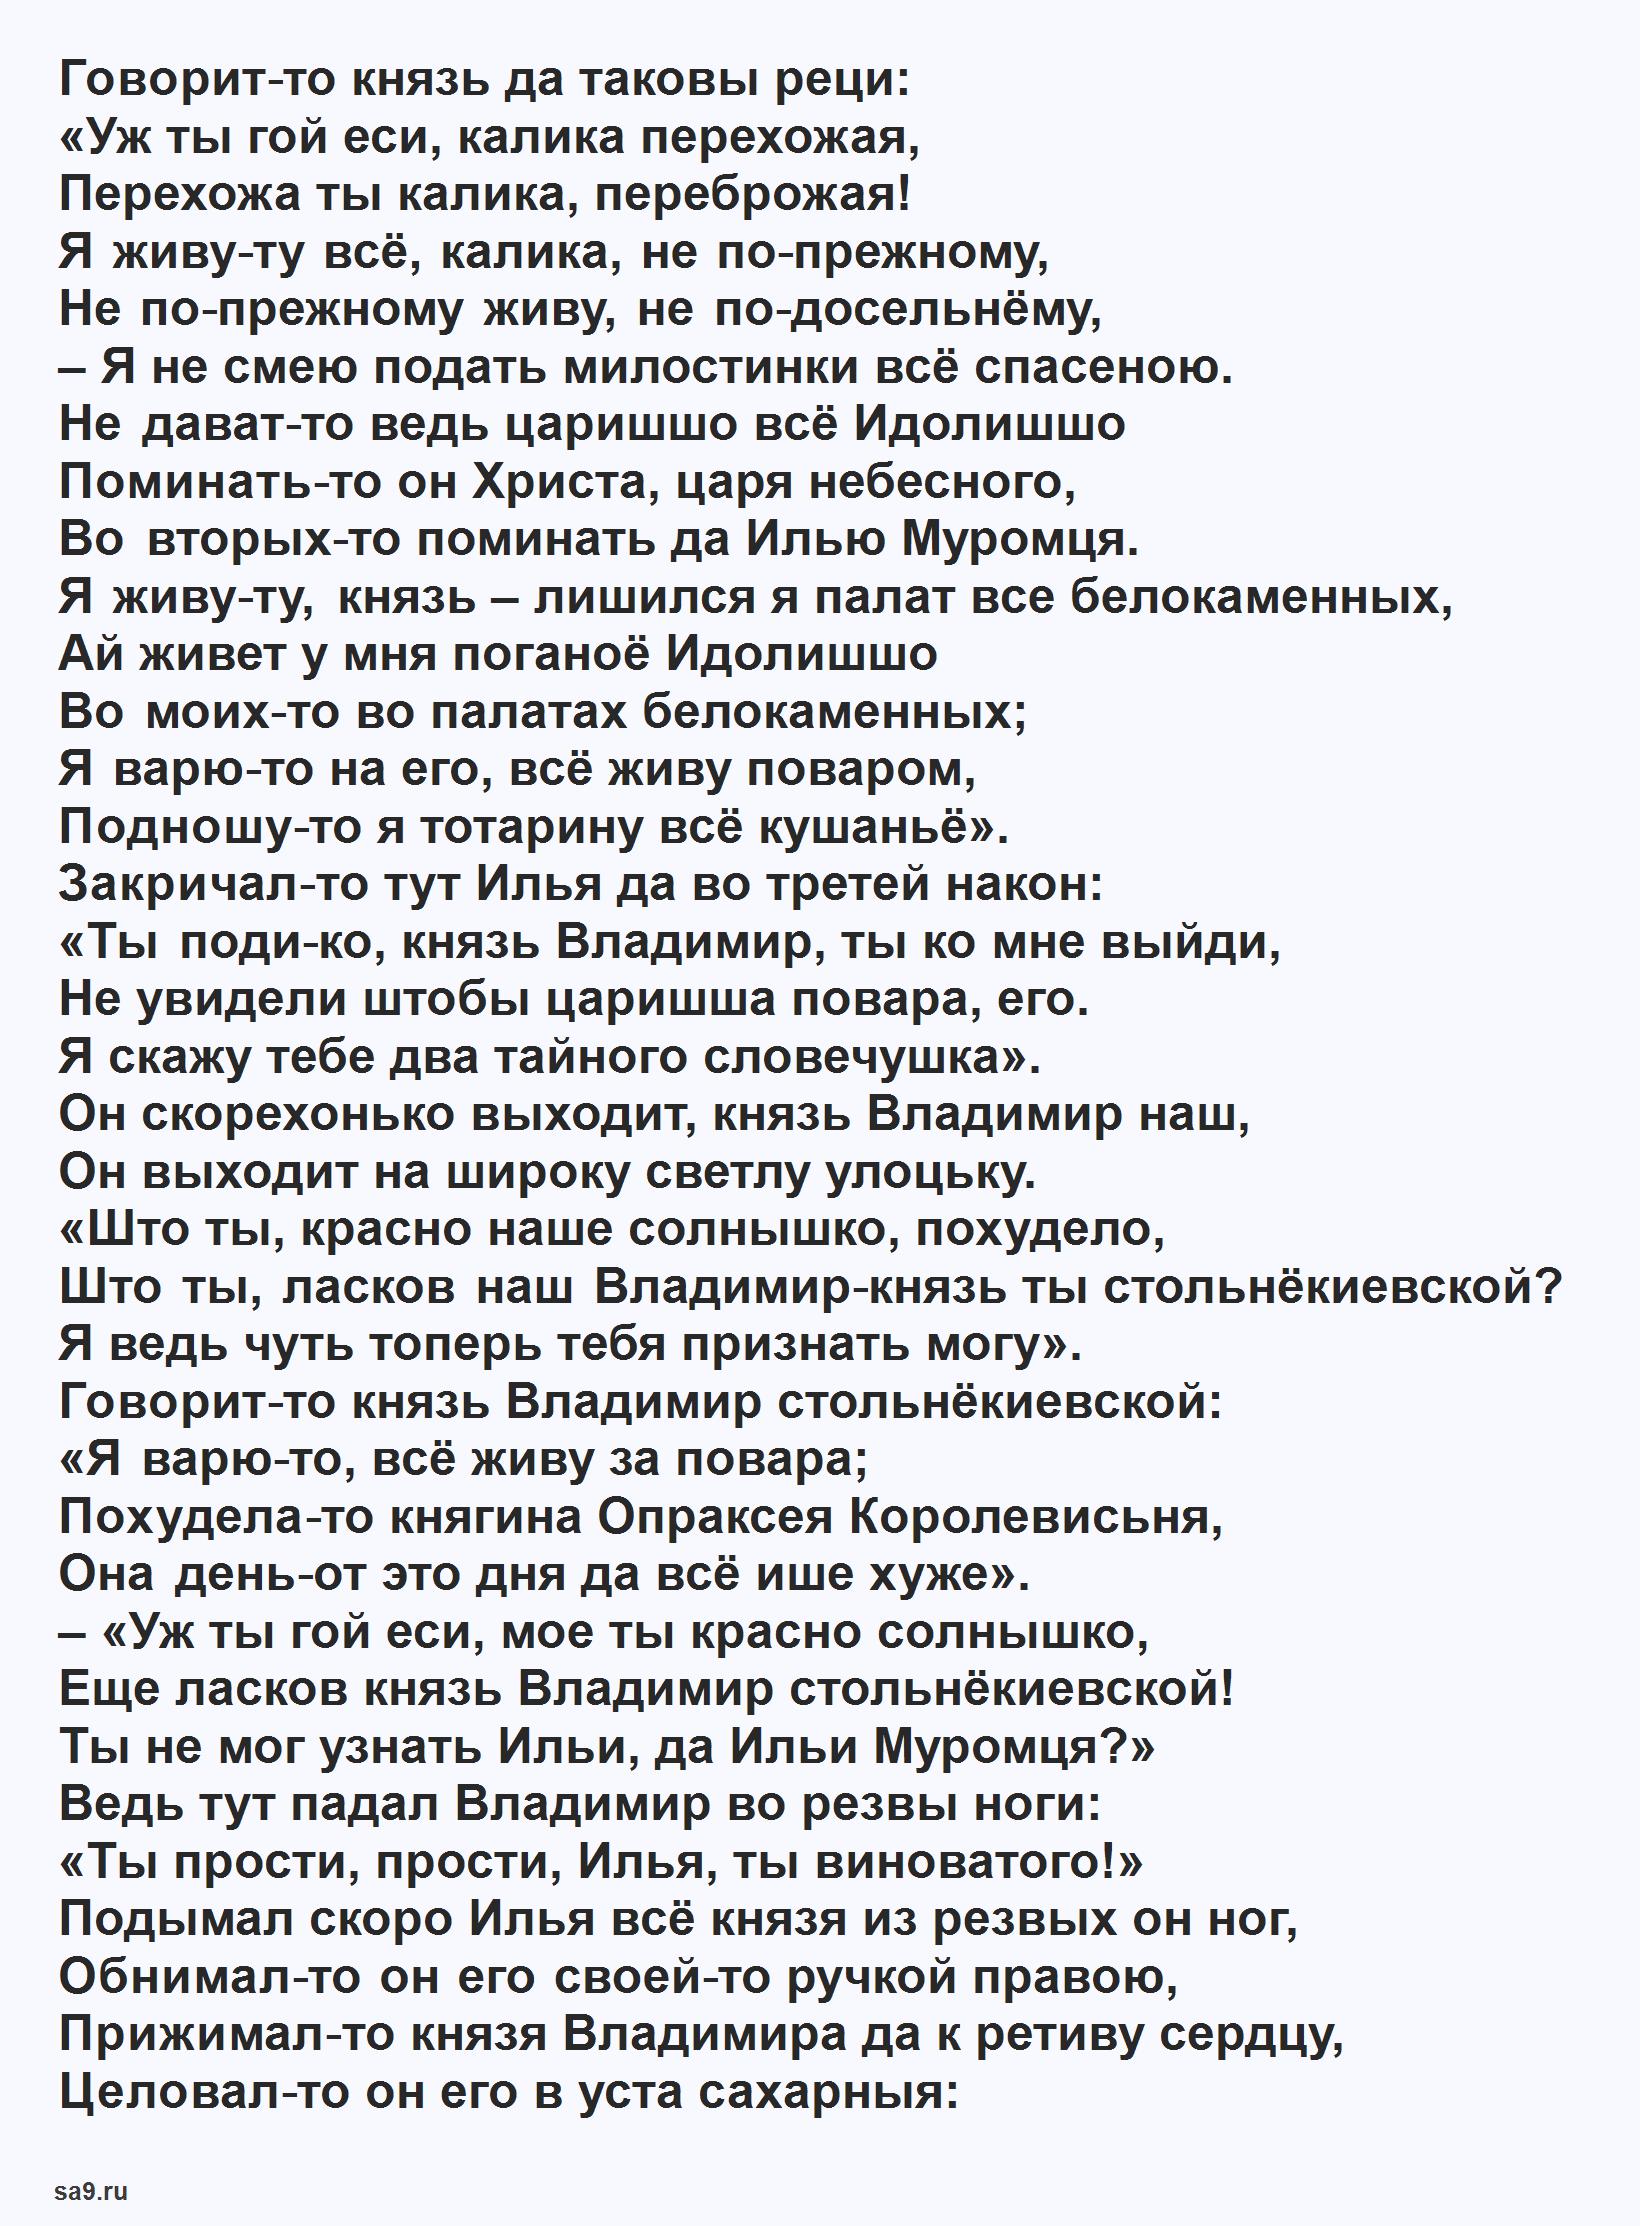 Читать русскую народную былину - Илья Муромец и Идолище в Киеве